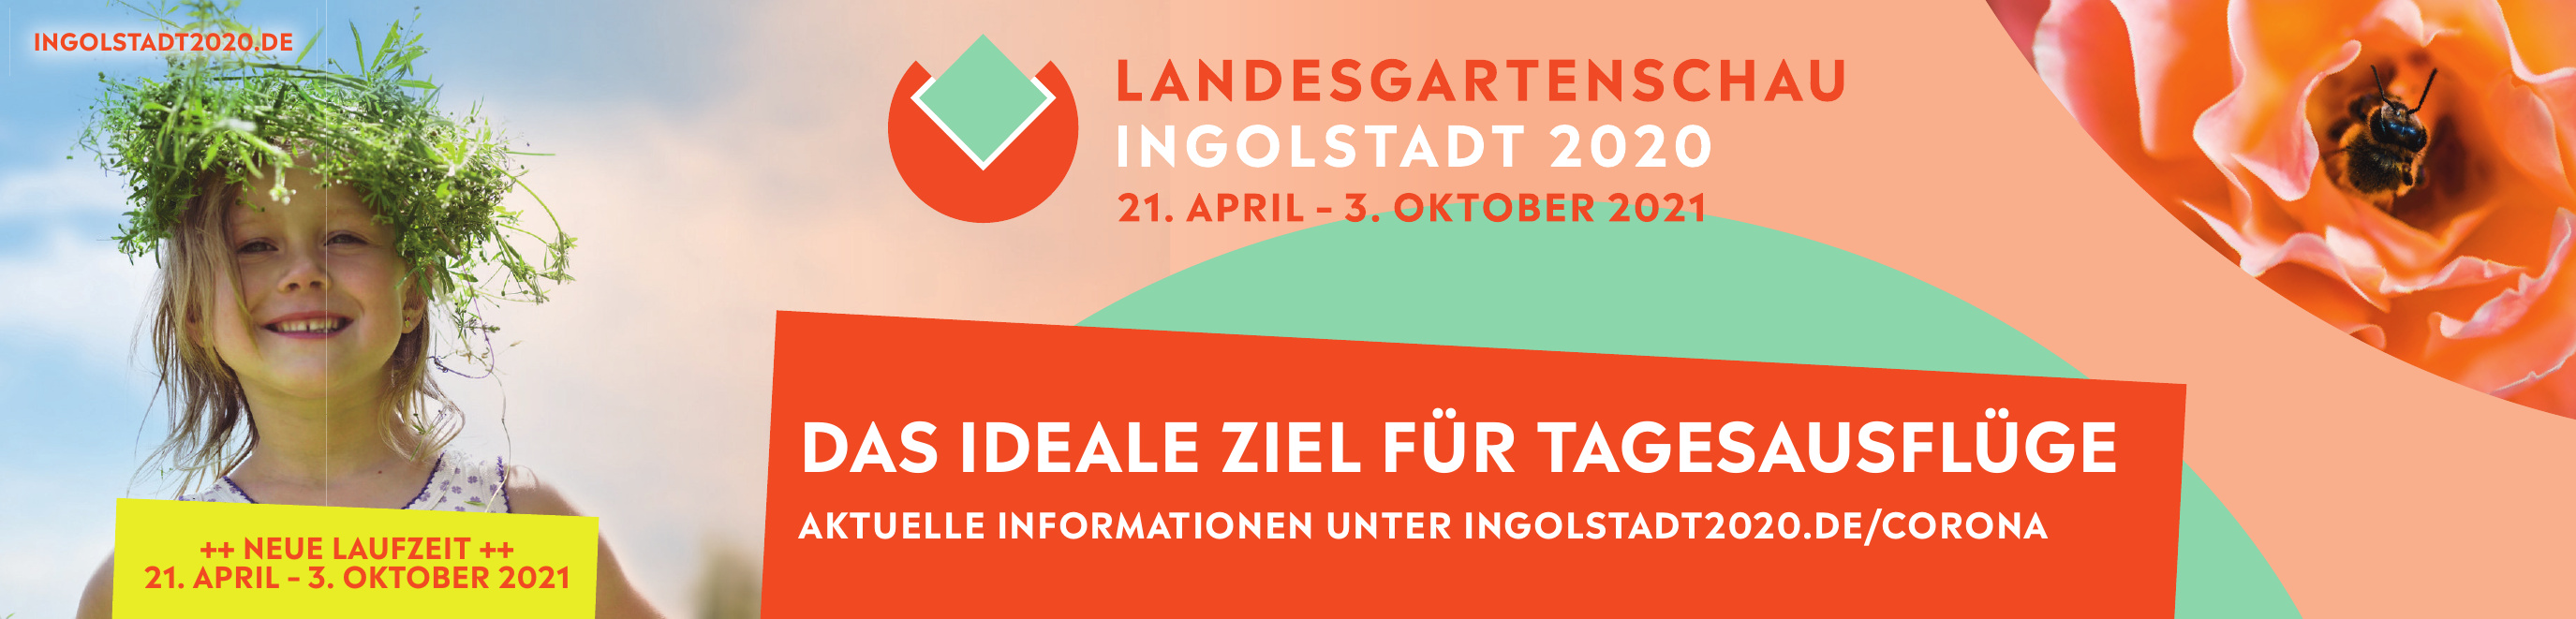 Ingolstadt2020.de